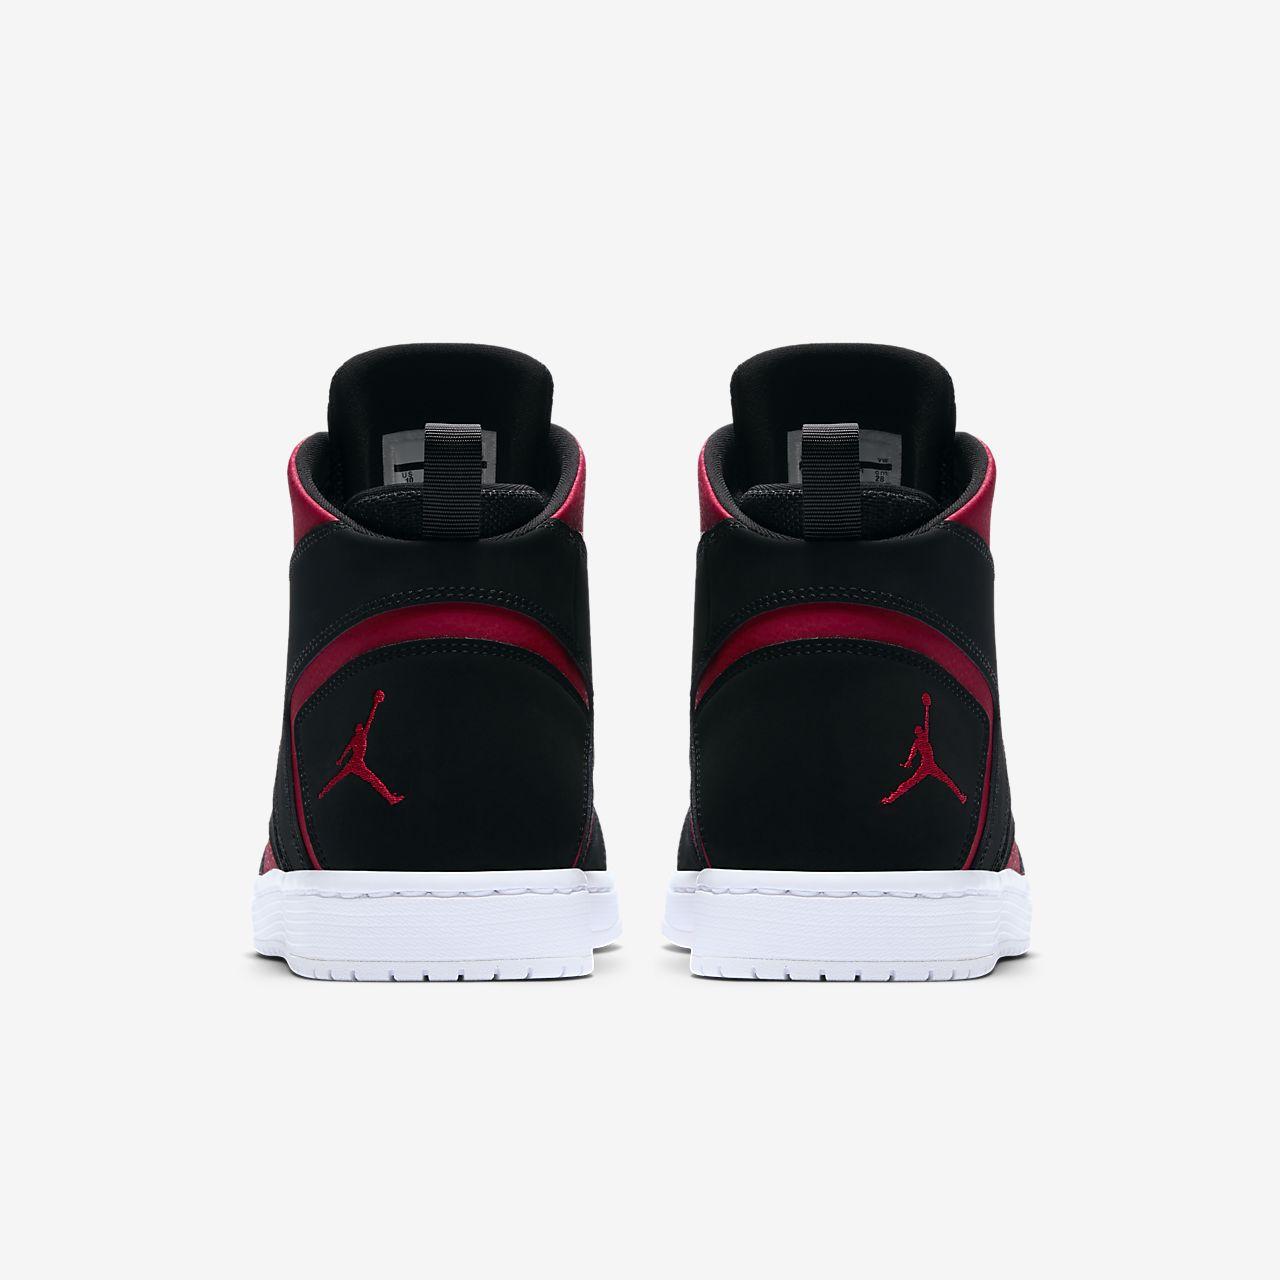 Conception innovante eece4 9ac31 Air Noir Jordan Toute Chaussures Les Chaussure Toutes ...